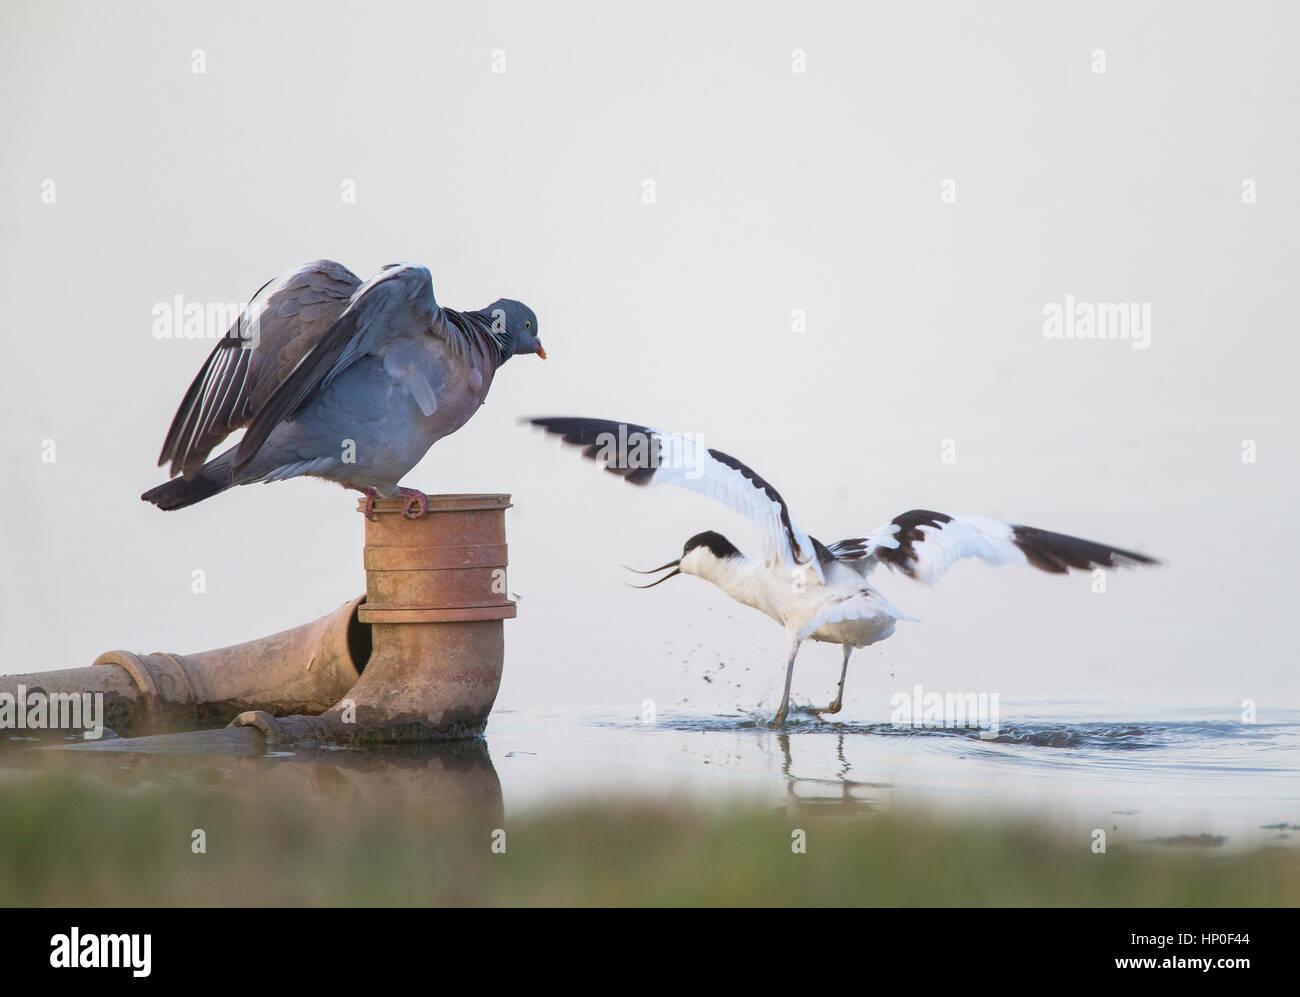 Avocet (Recurvirostra avosetta) en airada confrontación con la paloma torcaz (Columba palumbus) que está Imagen De Stock